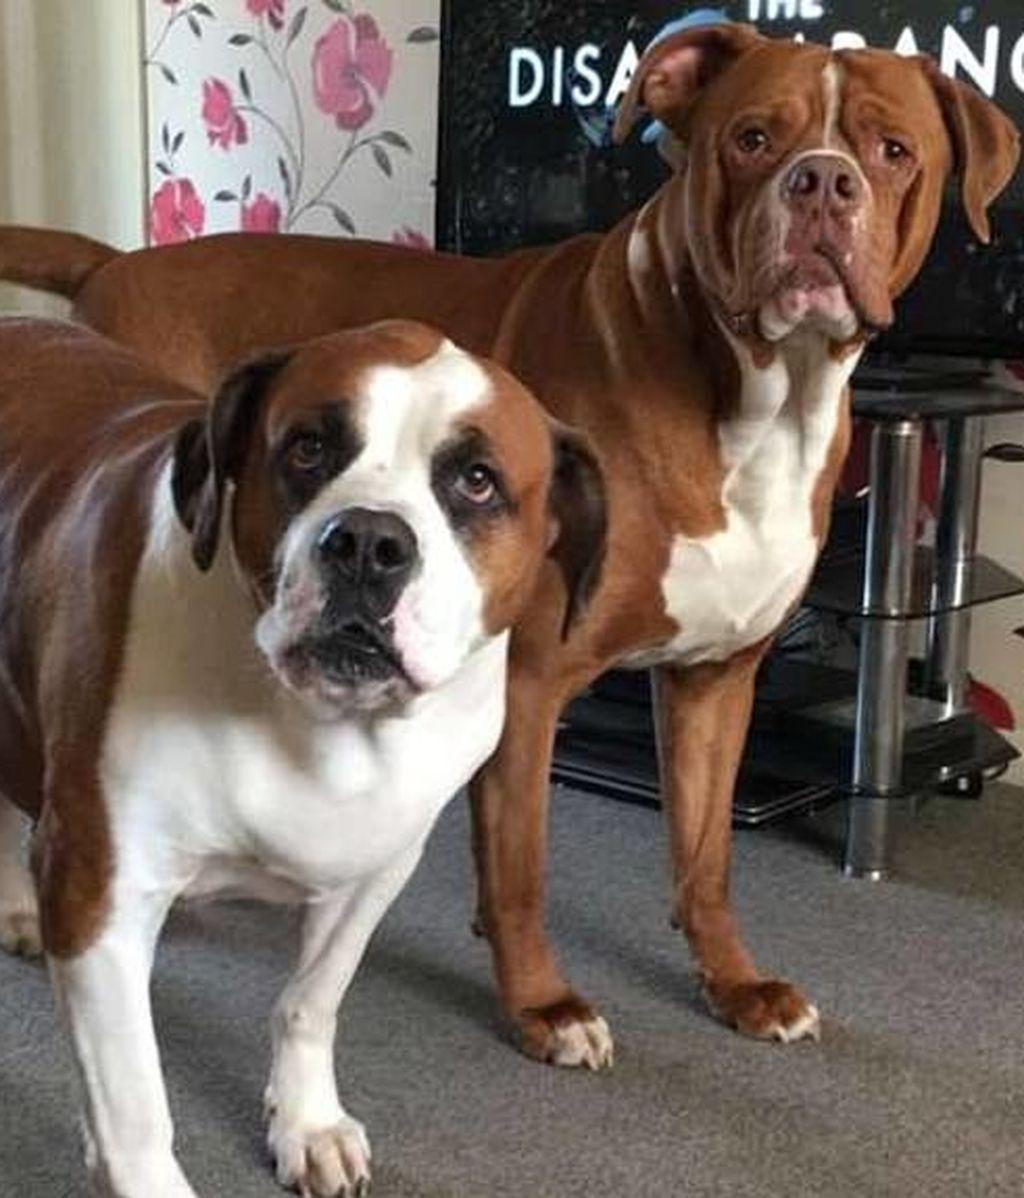 Una mujer fallece tras ser atacada por sus propios perros